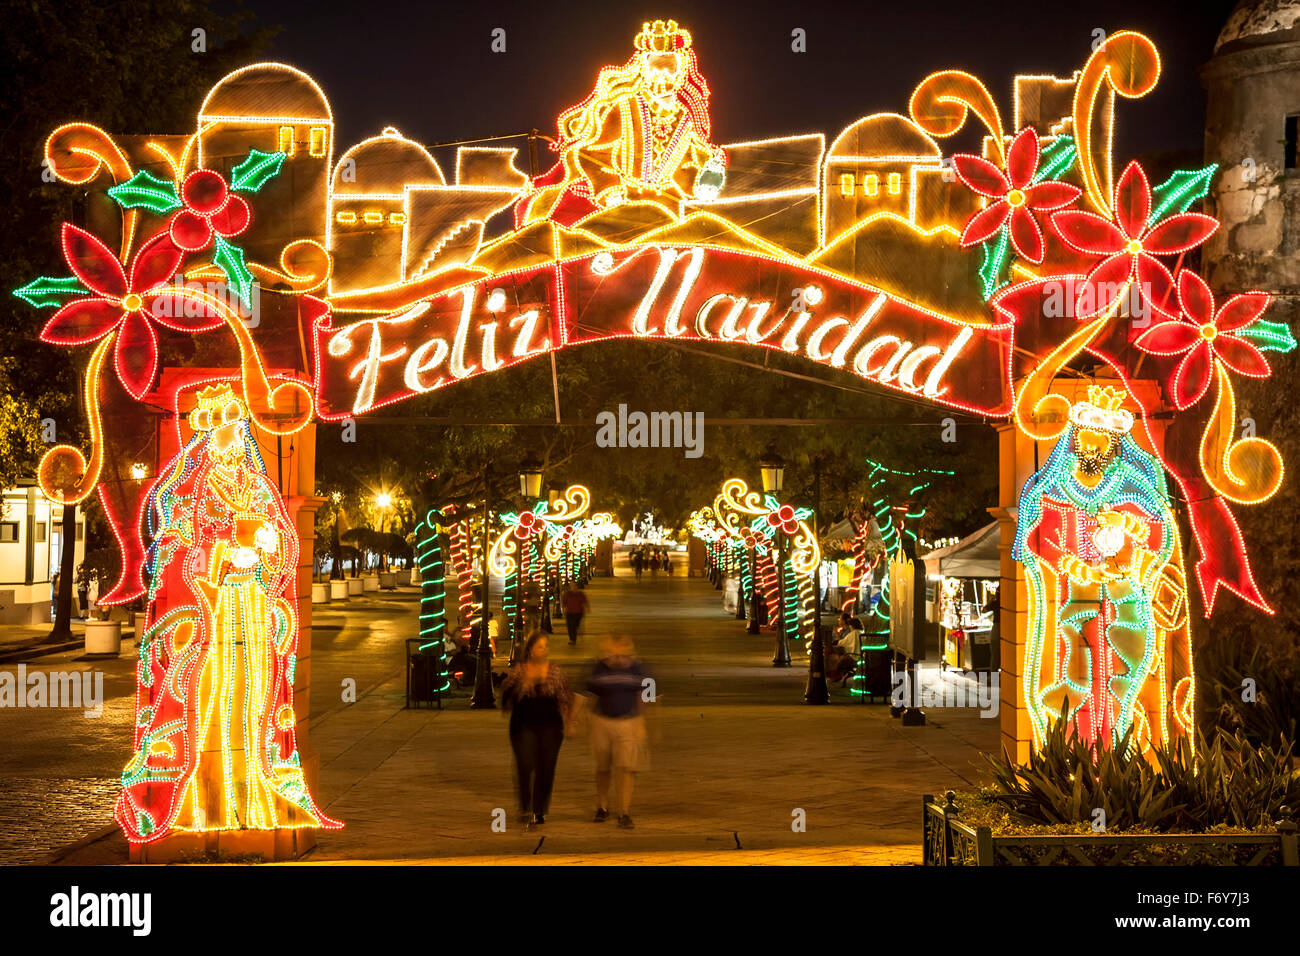 La navidad in puerto rico